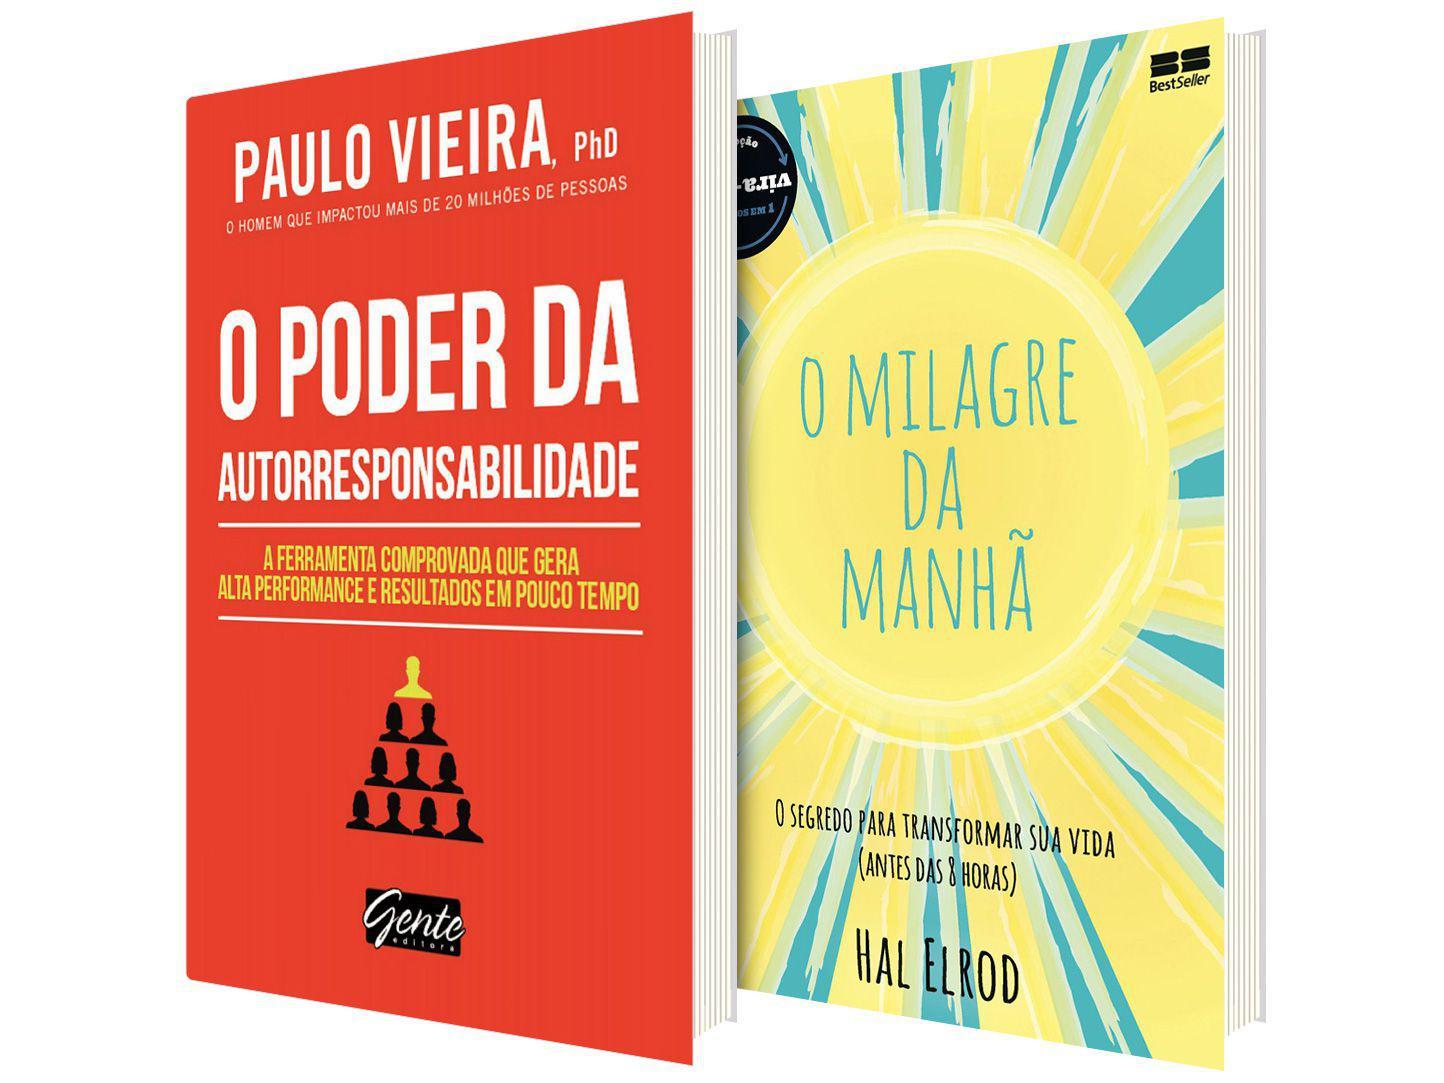 Kit Livros O Milagre da Manhã + O Poder da - Autorresponsabilidade